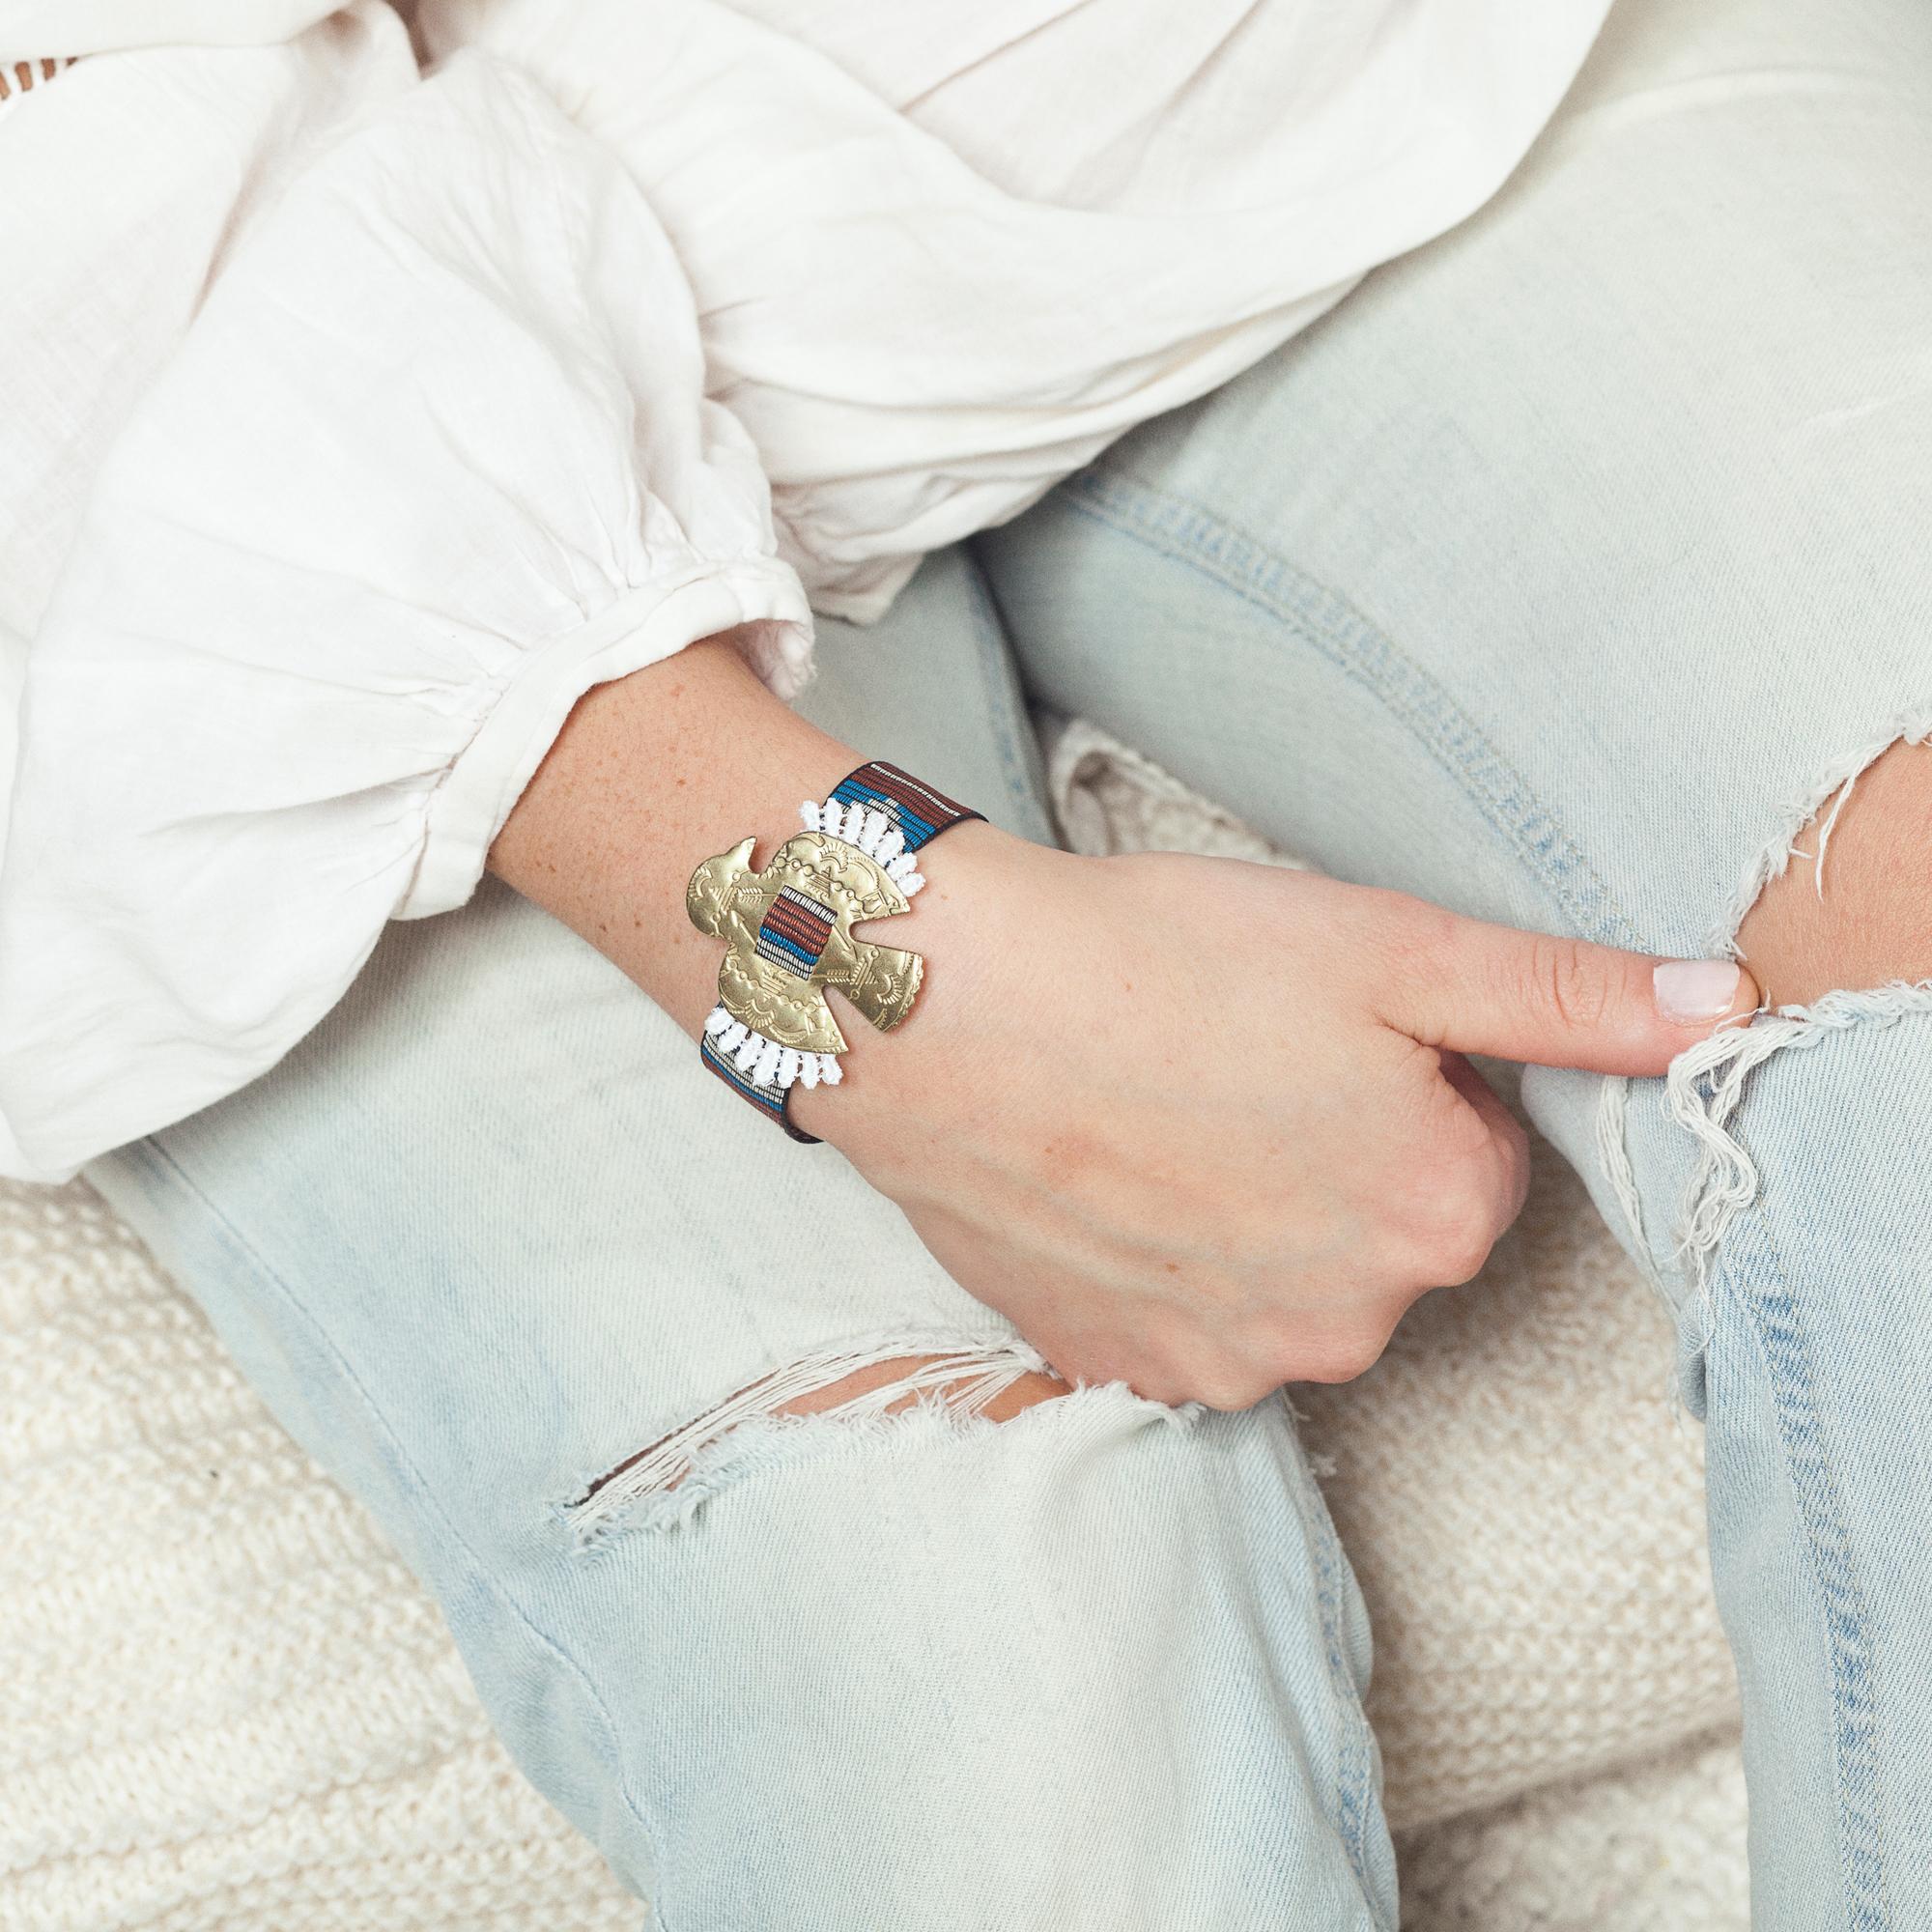 Oaxaca bracelet (details here)